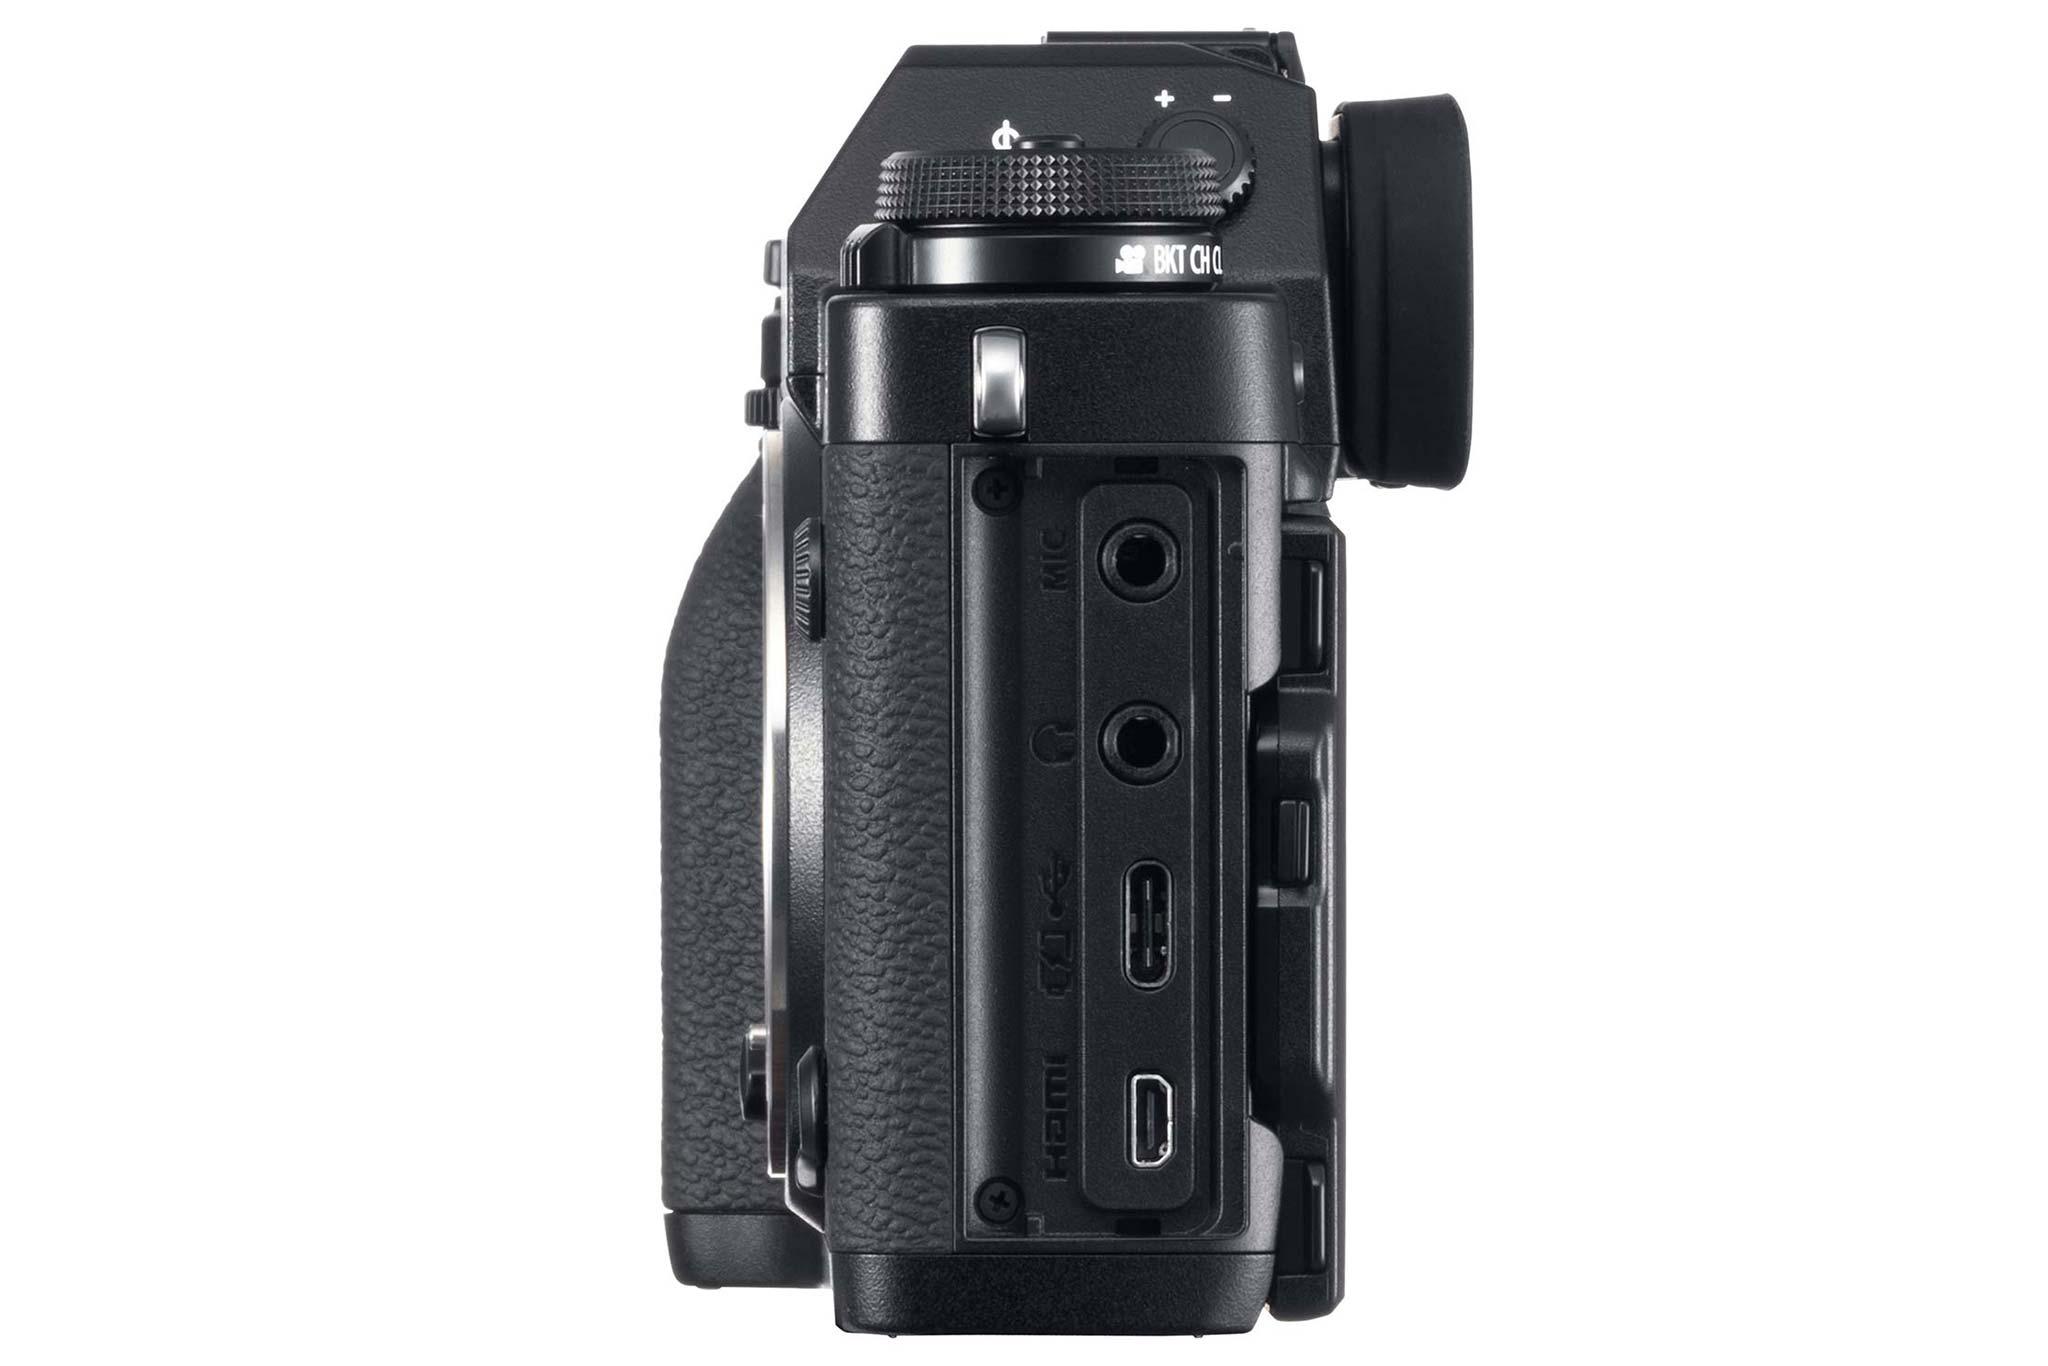 Fujifilm_X-T3_tinhte_8.jpg